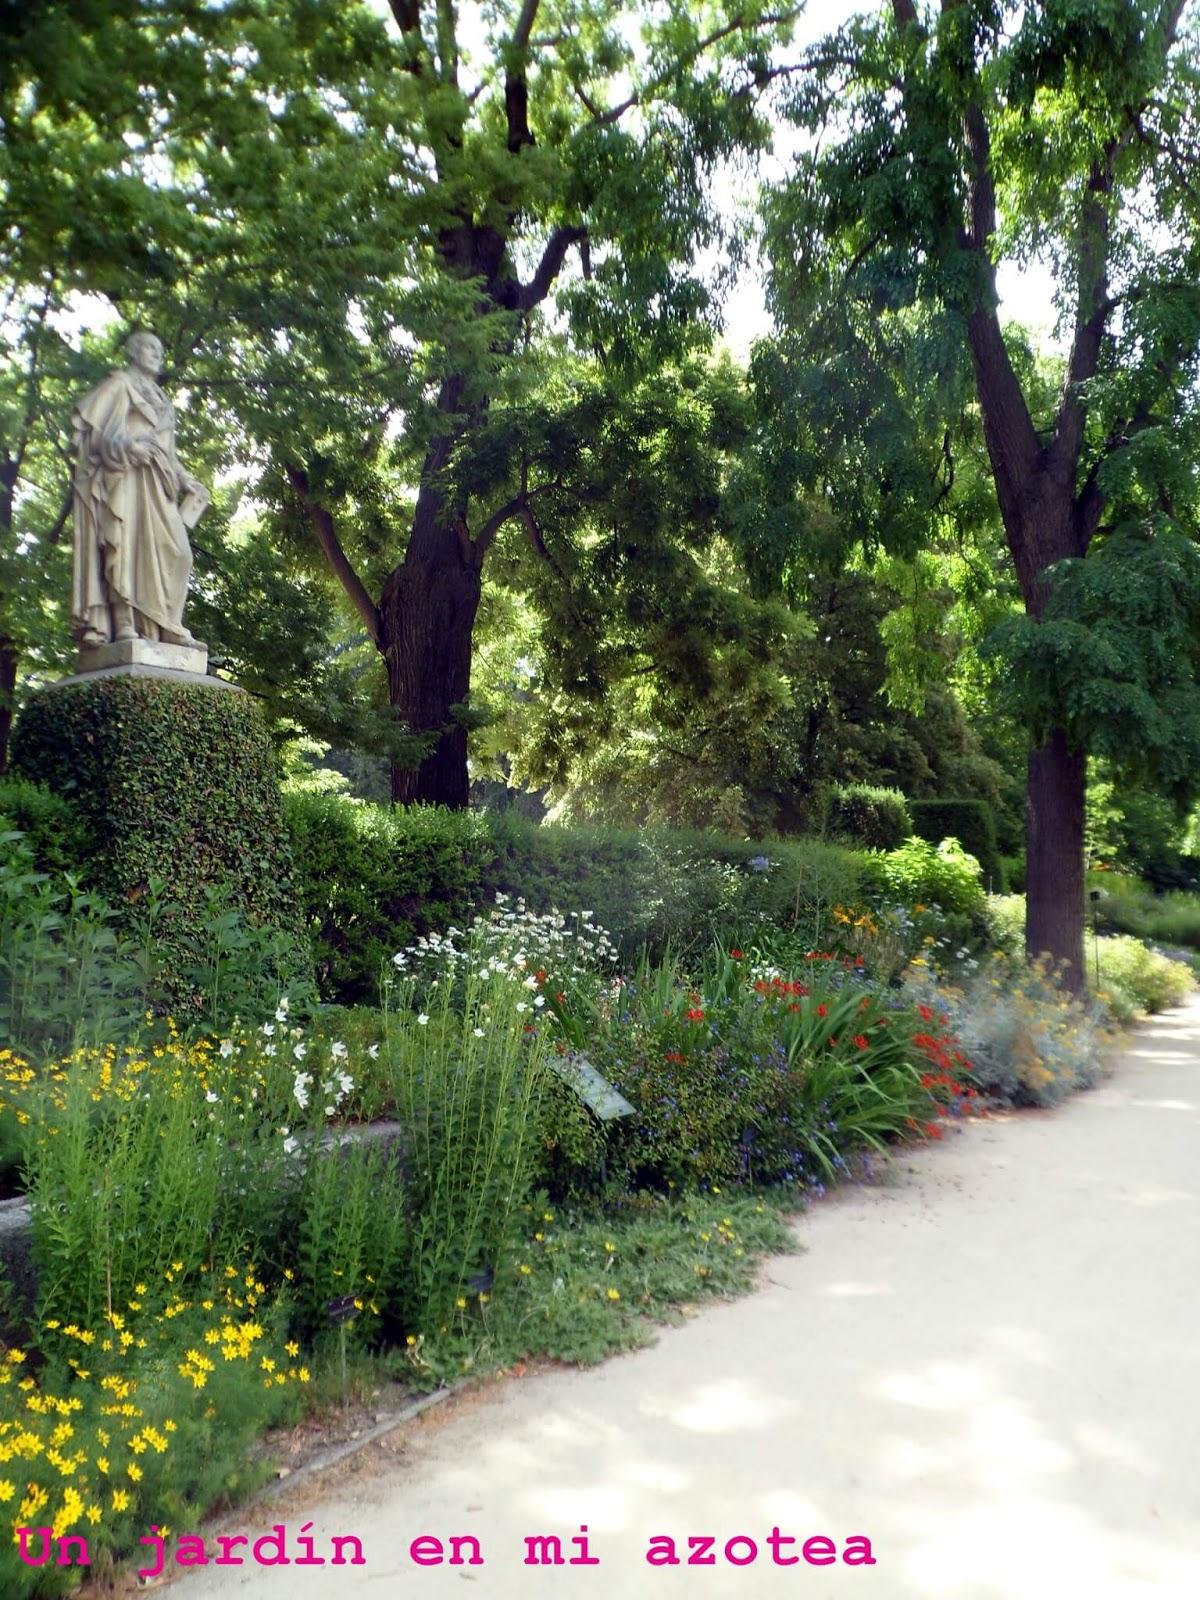 Un jard n en mi azotea flores en el real jard n bot nico for Jardin botanico cursos